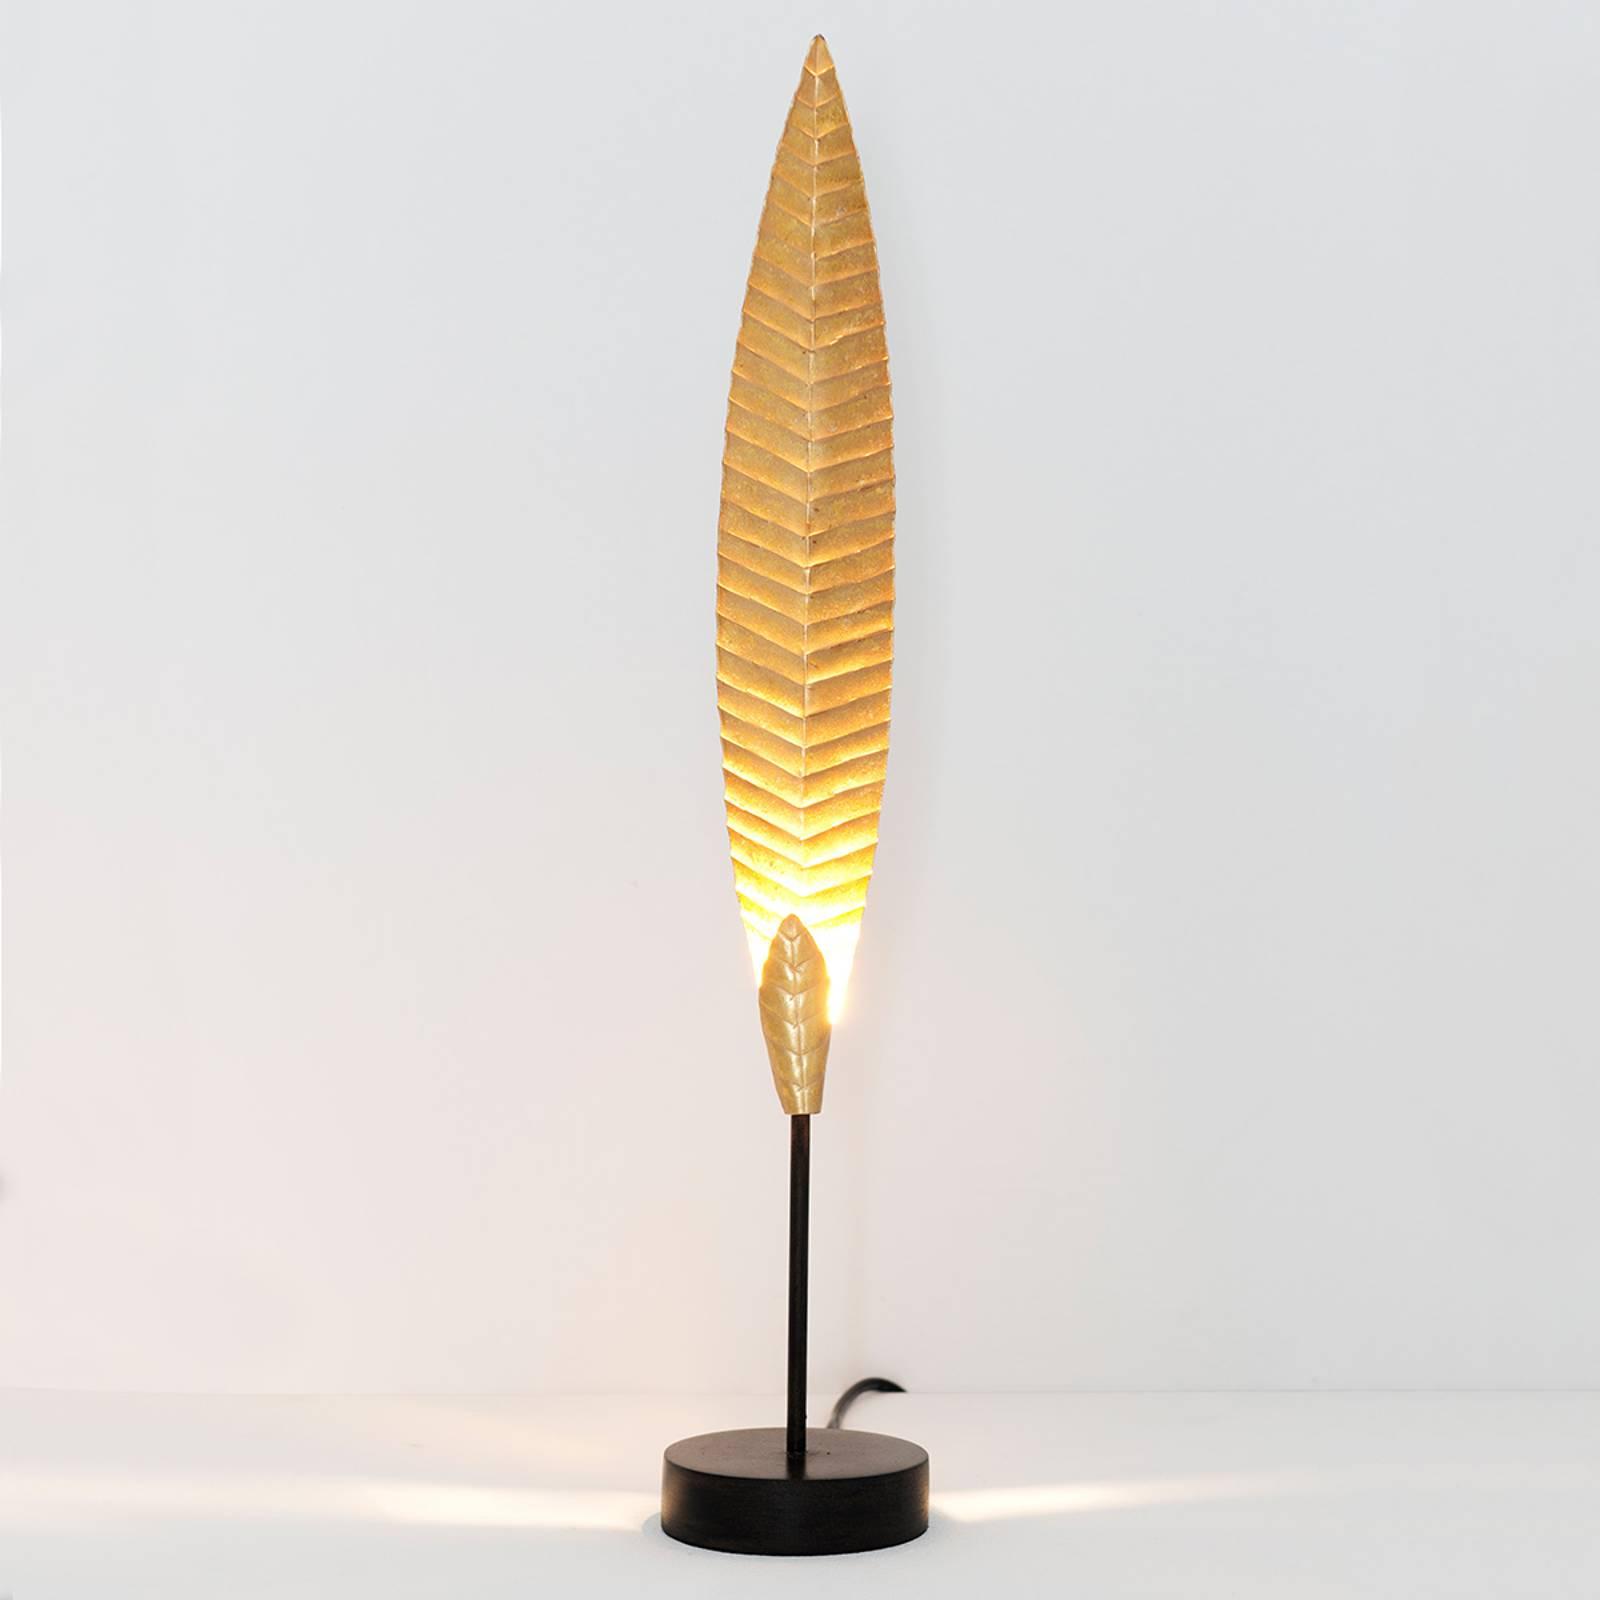 Pöytävalaisin Penna, kulta, korkeus 51 cm